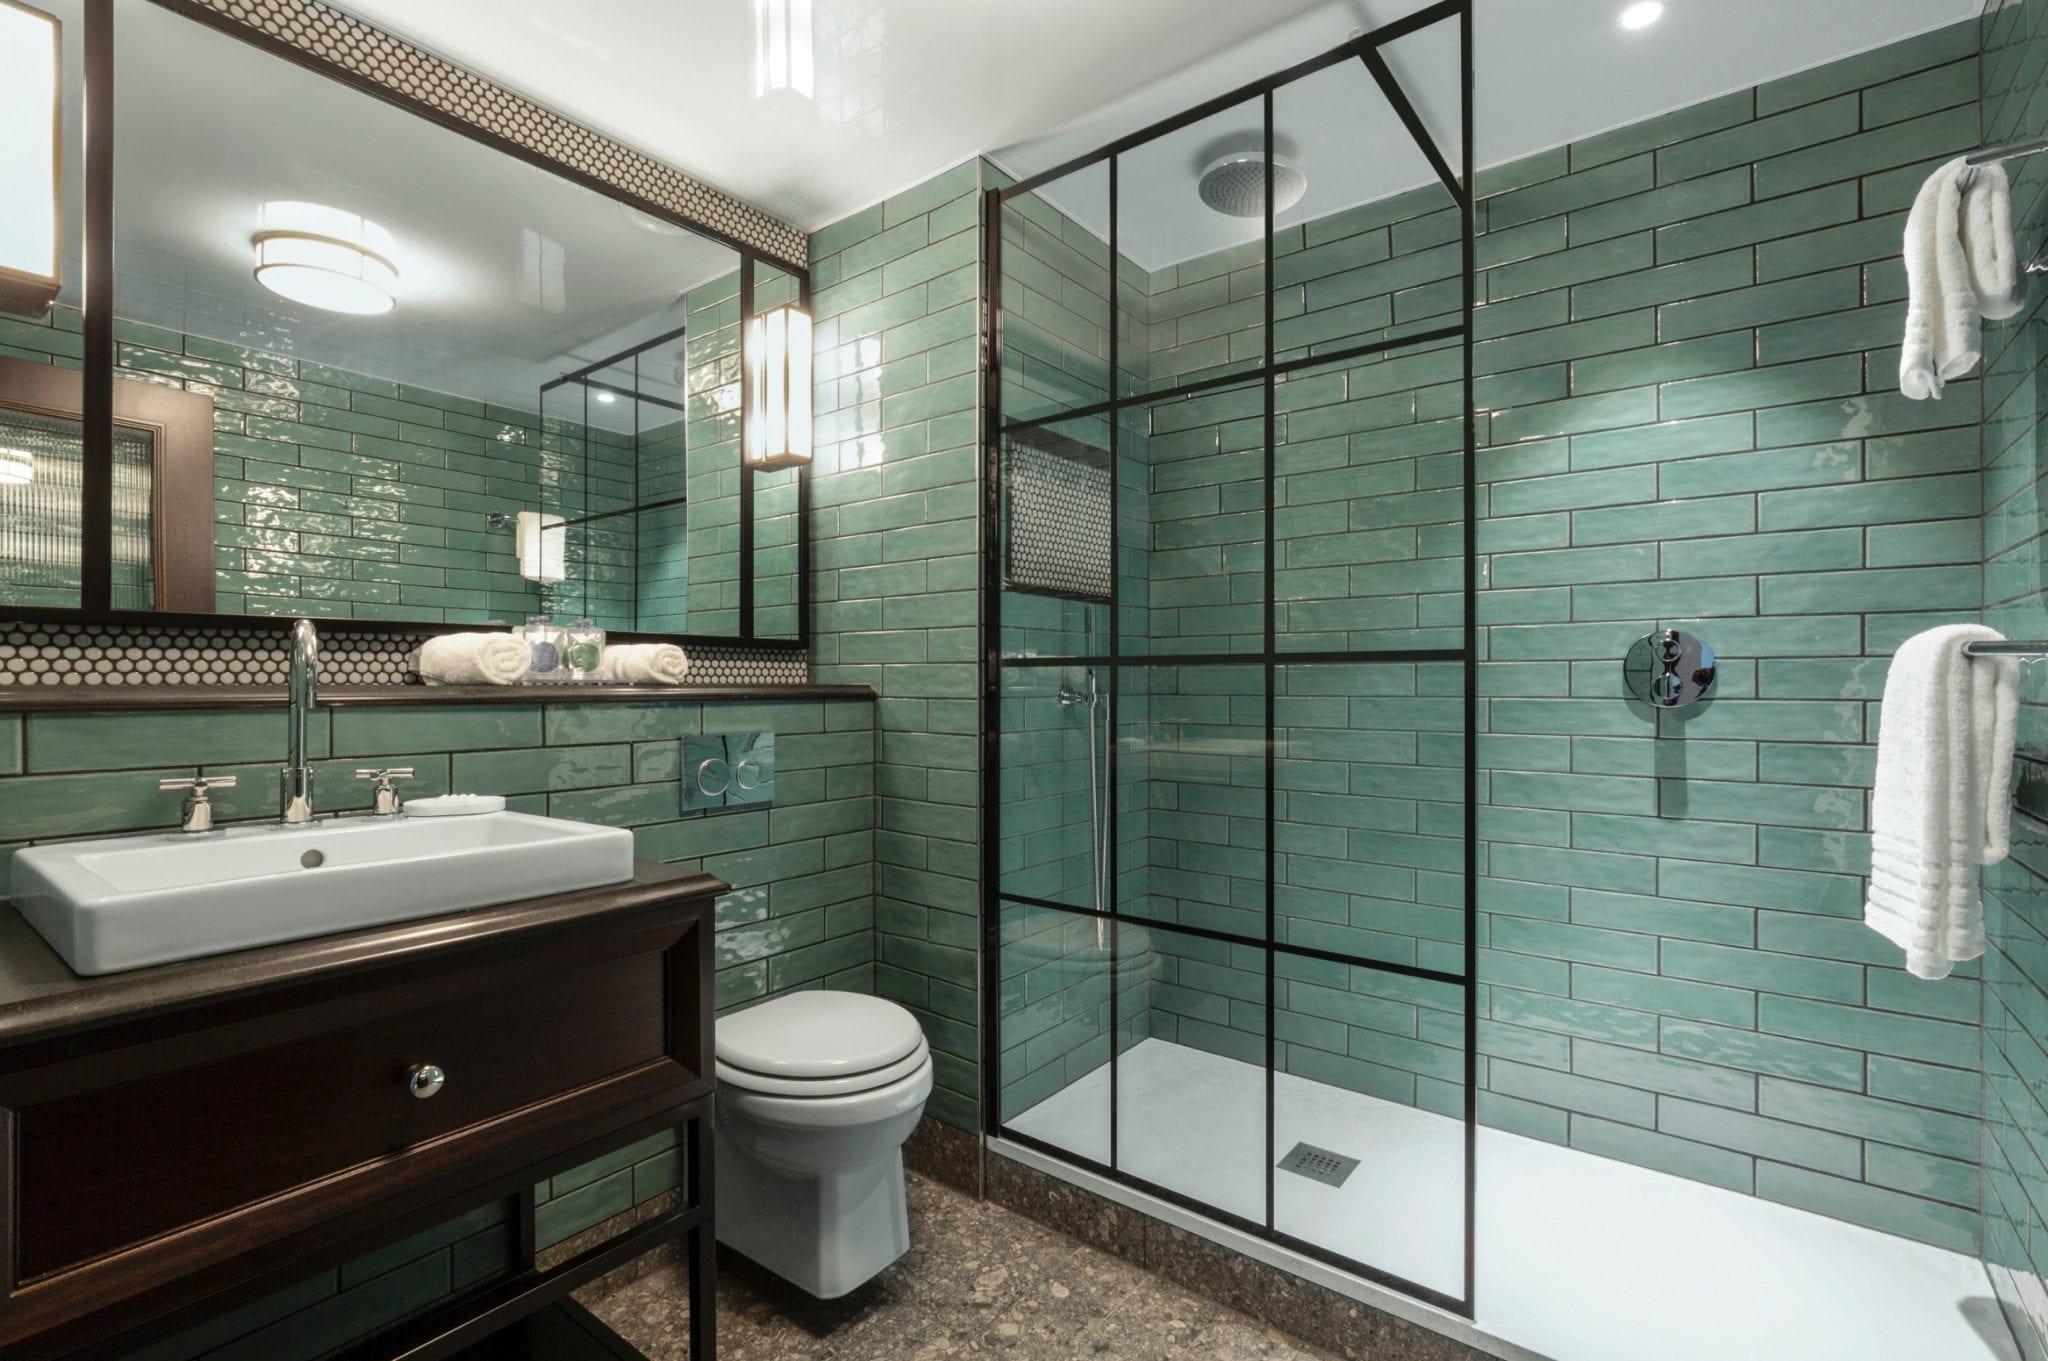 The_Green_Bathroom_hotel_Dublin_hotel_Dublin